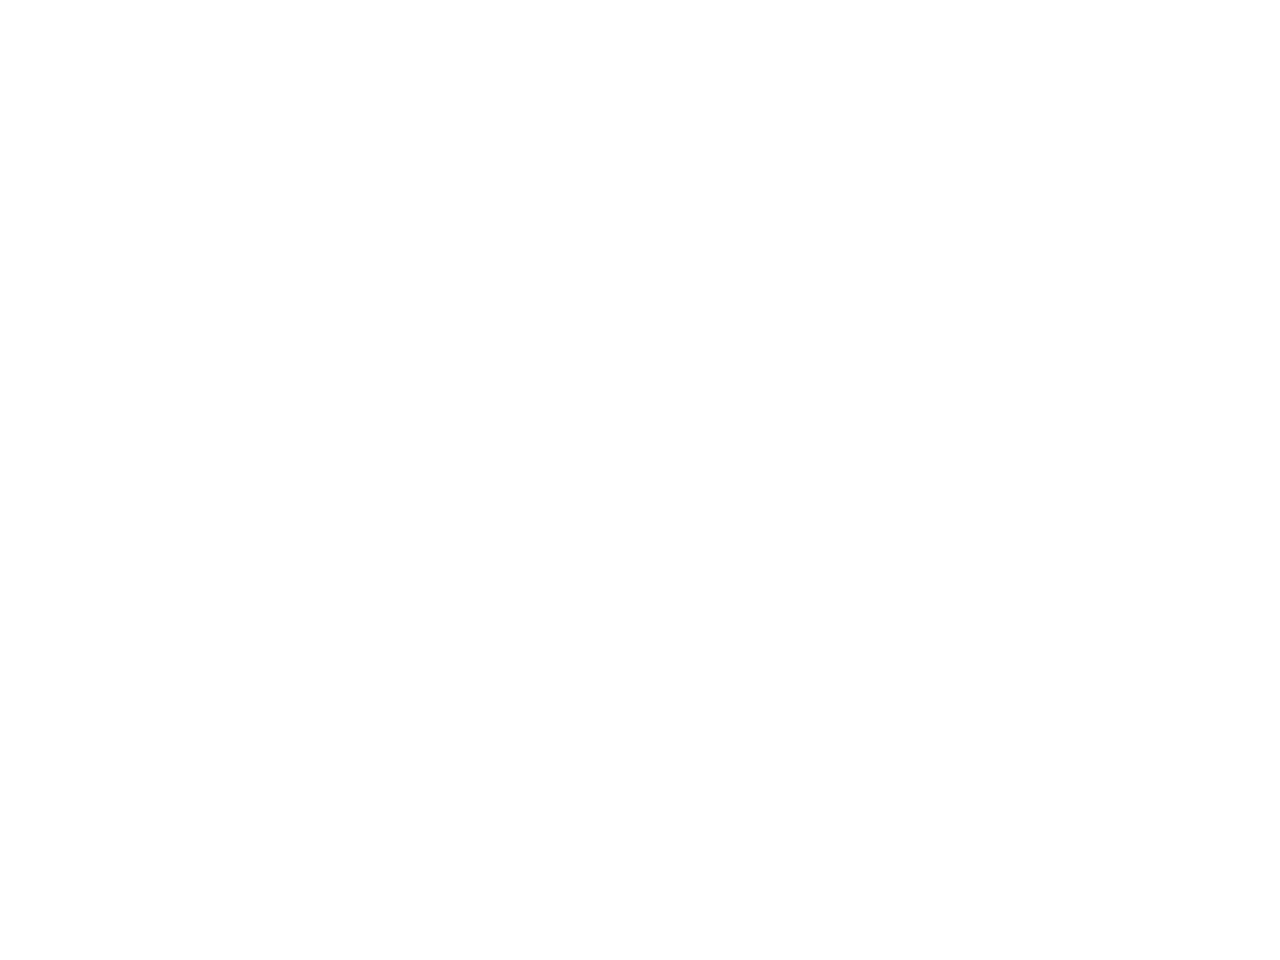 総合リサイクルショップ★サンタの創庫 岐阜県内の不用品買取はサンタの創庫にお任せ!